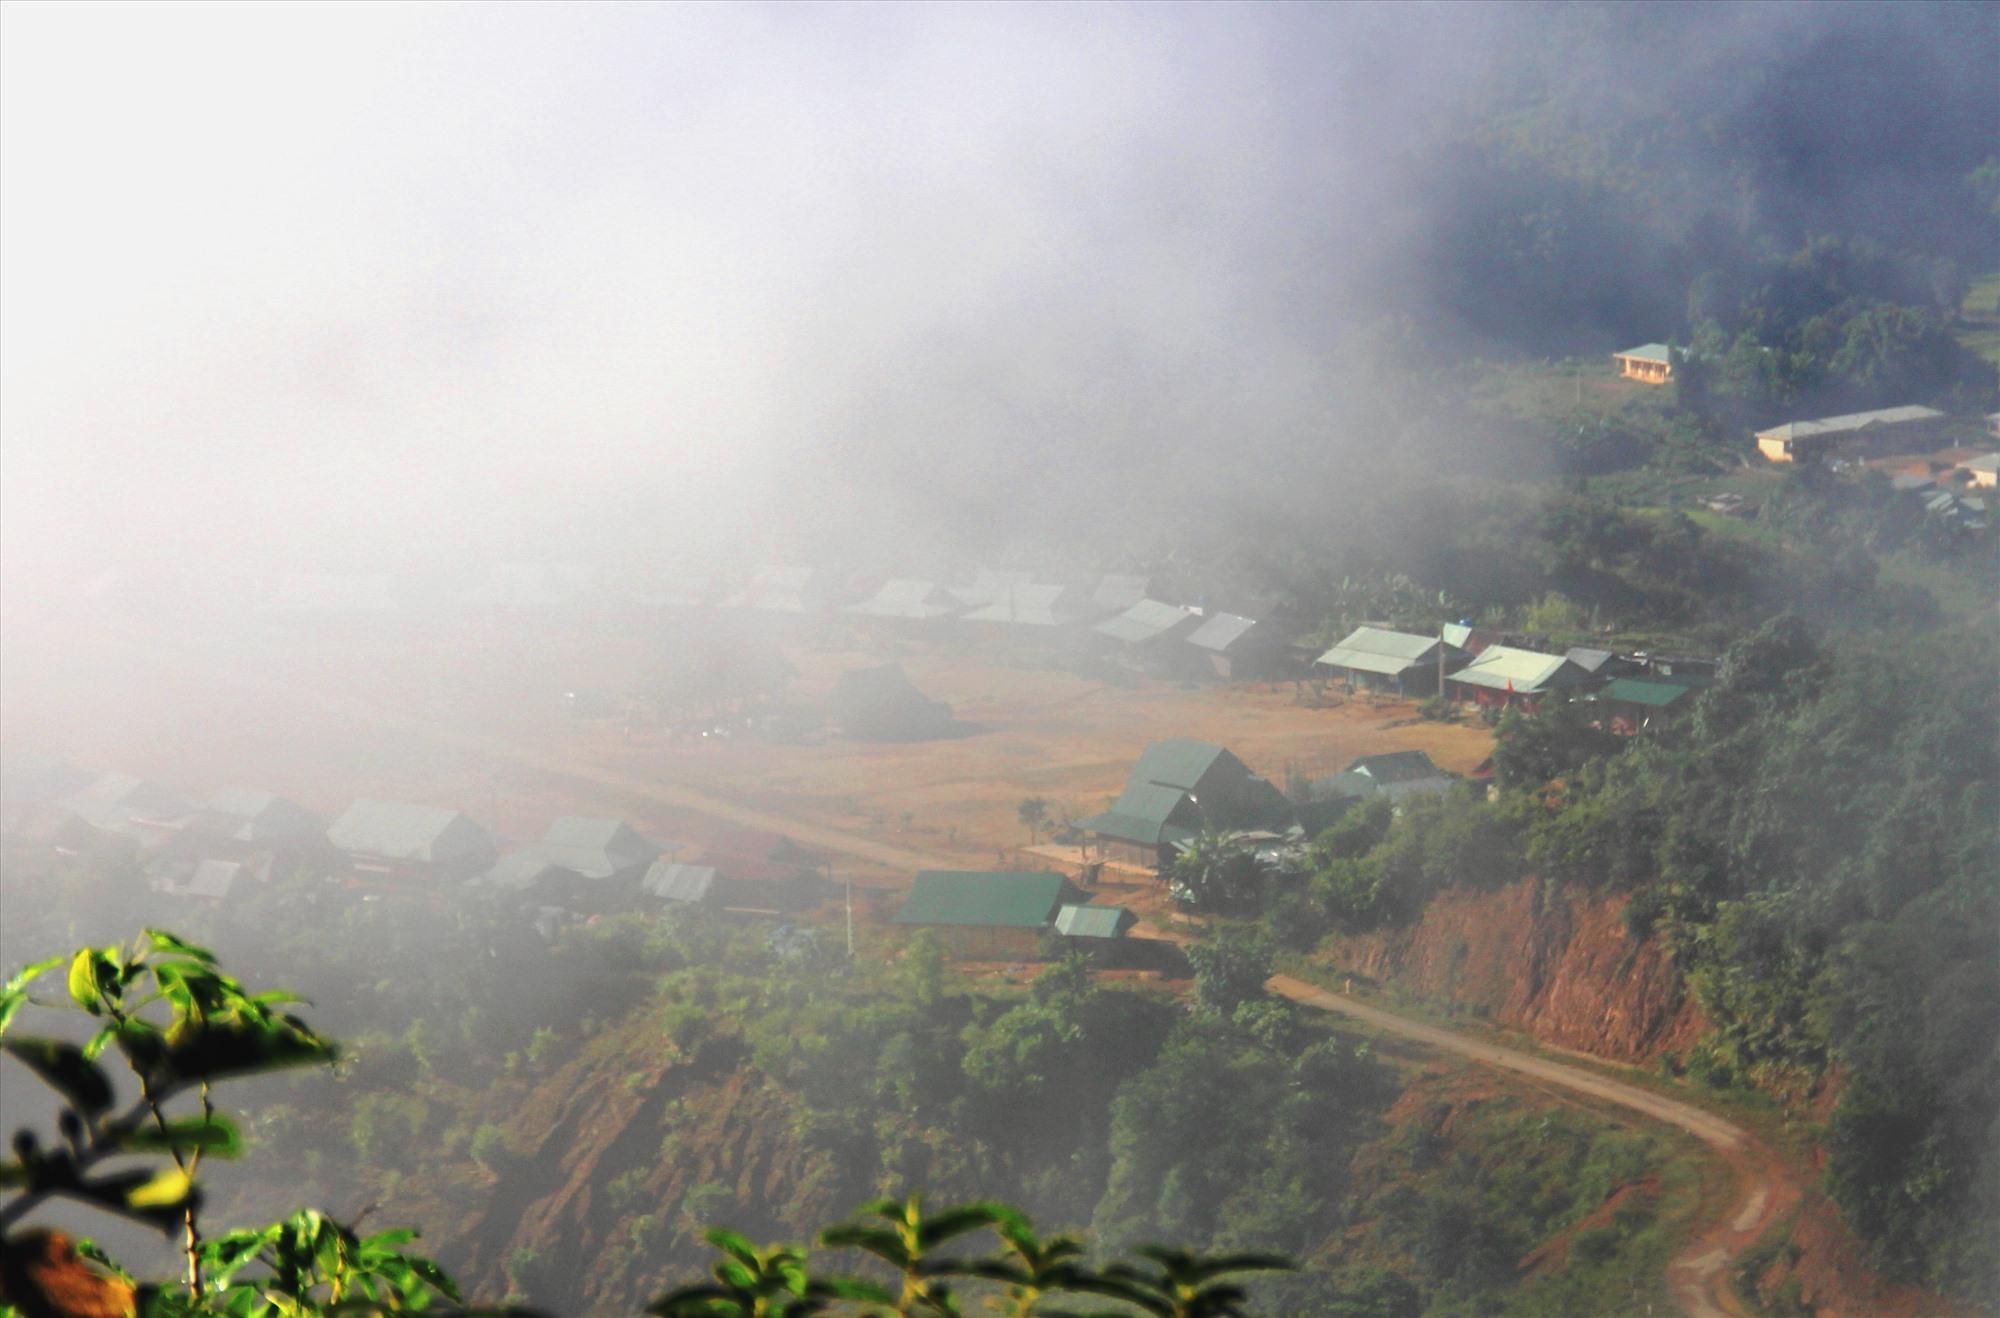 Buổi sáng, những bản làng biên giới Tây Gang chìm trong sương mù, rét buốt. Ảnh: ALĂNG NGƯỚC